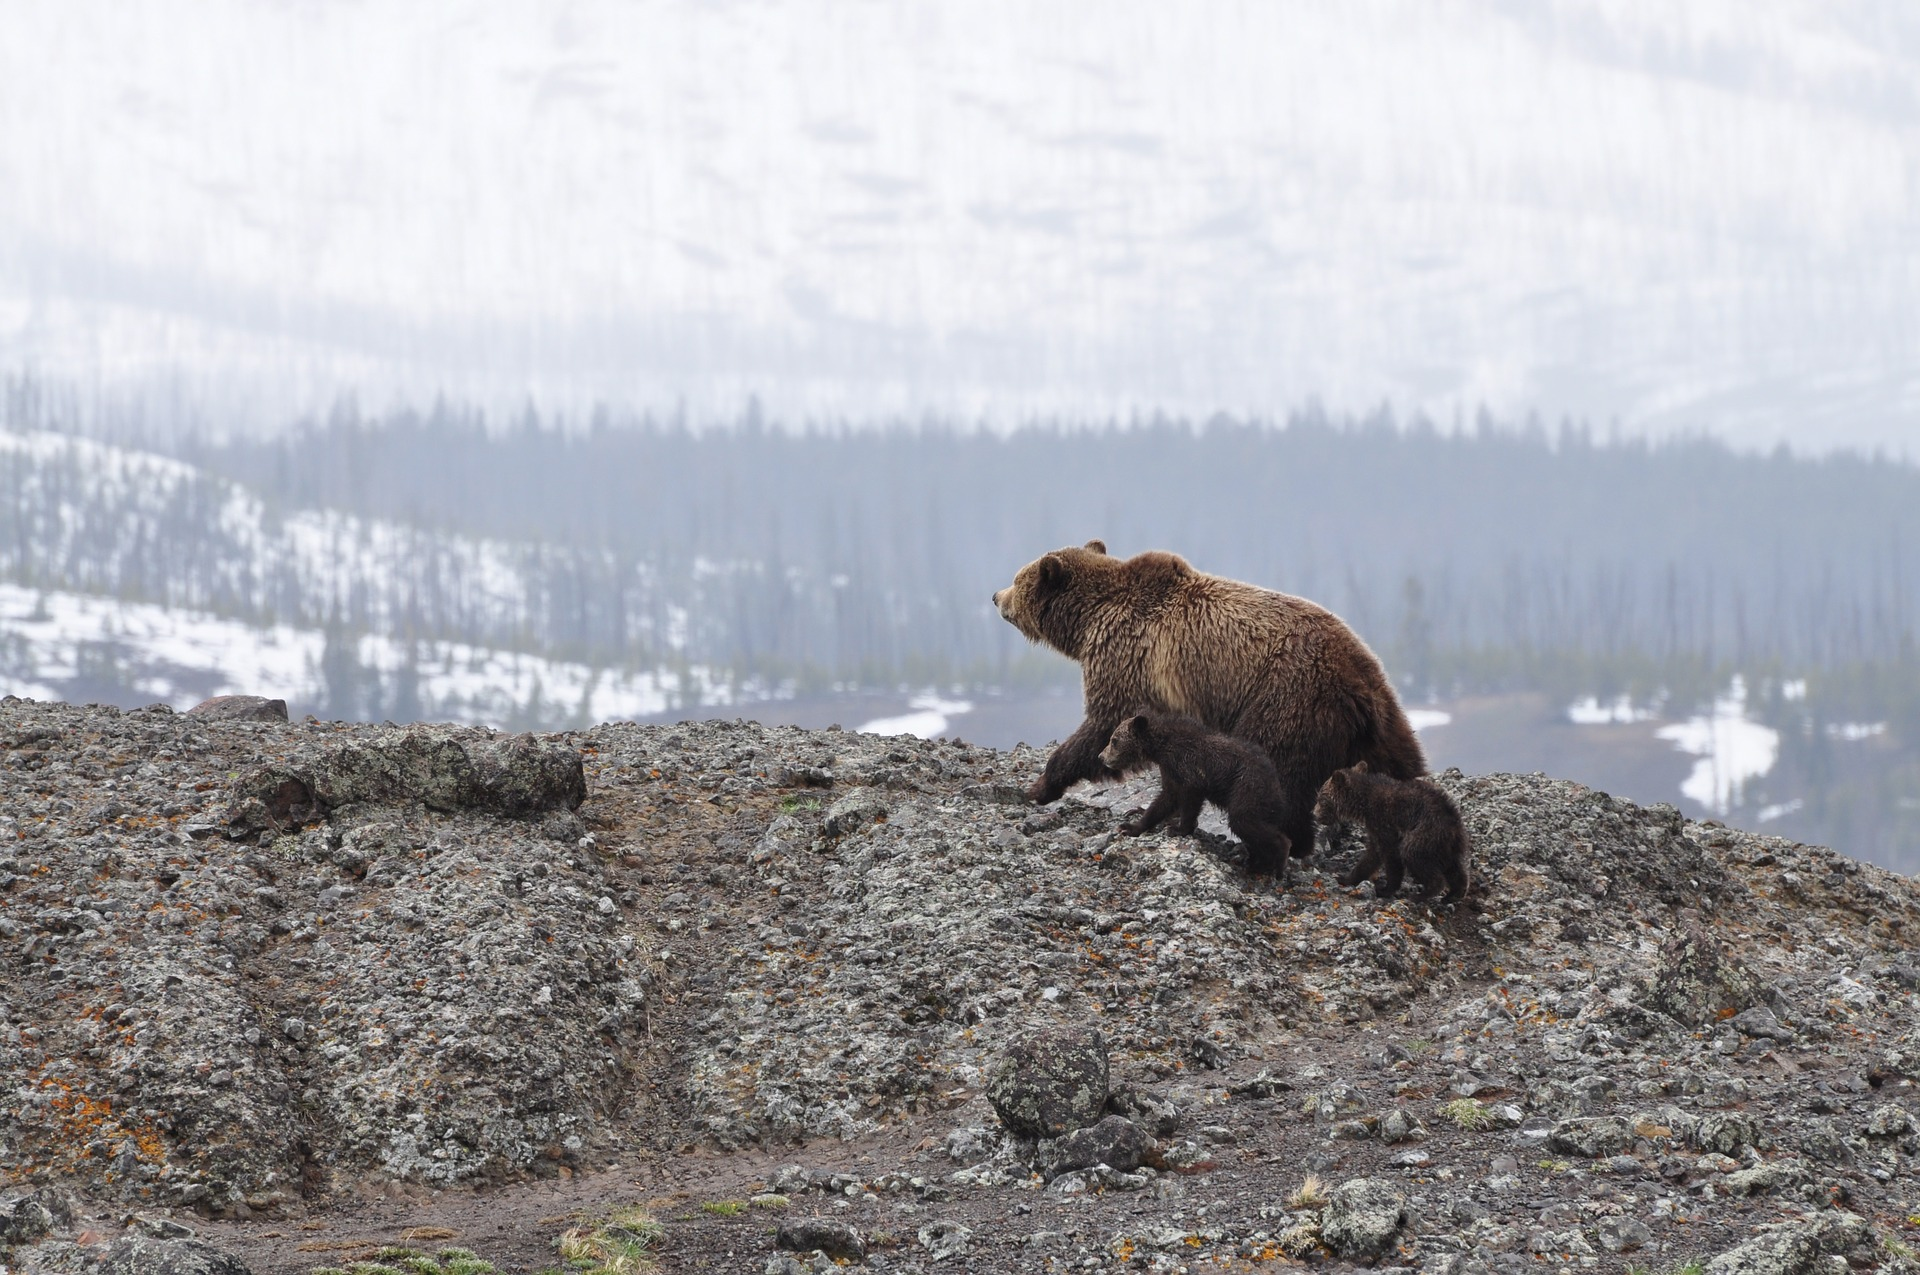 Grizzlybär (Graubär) - grizzly